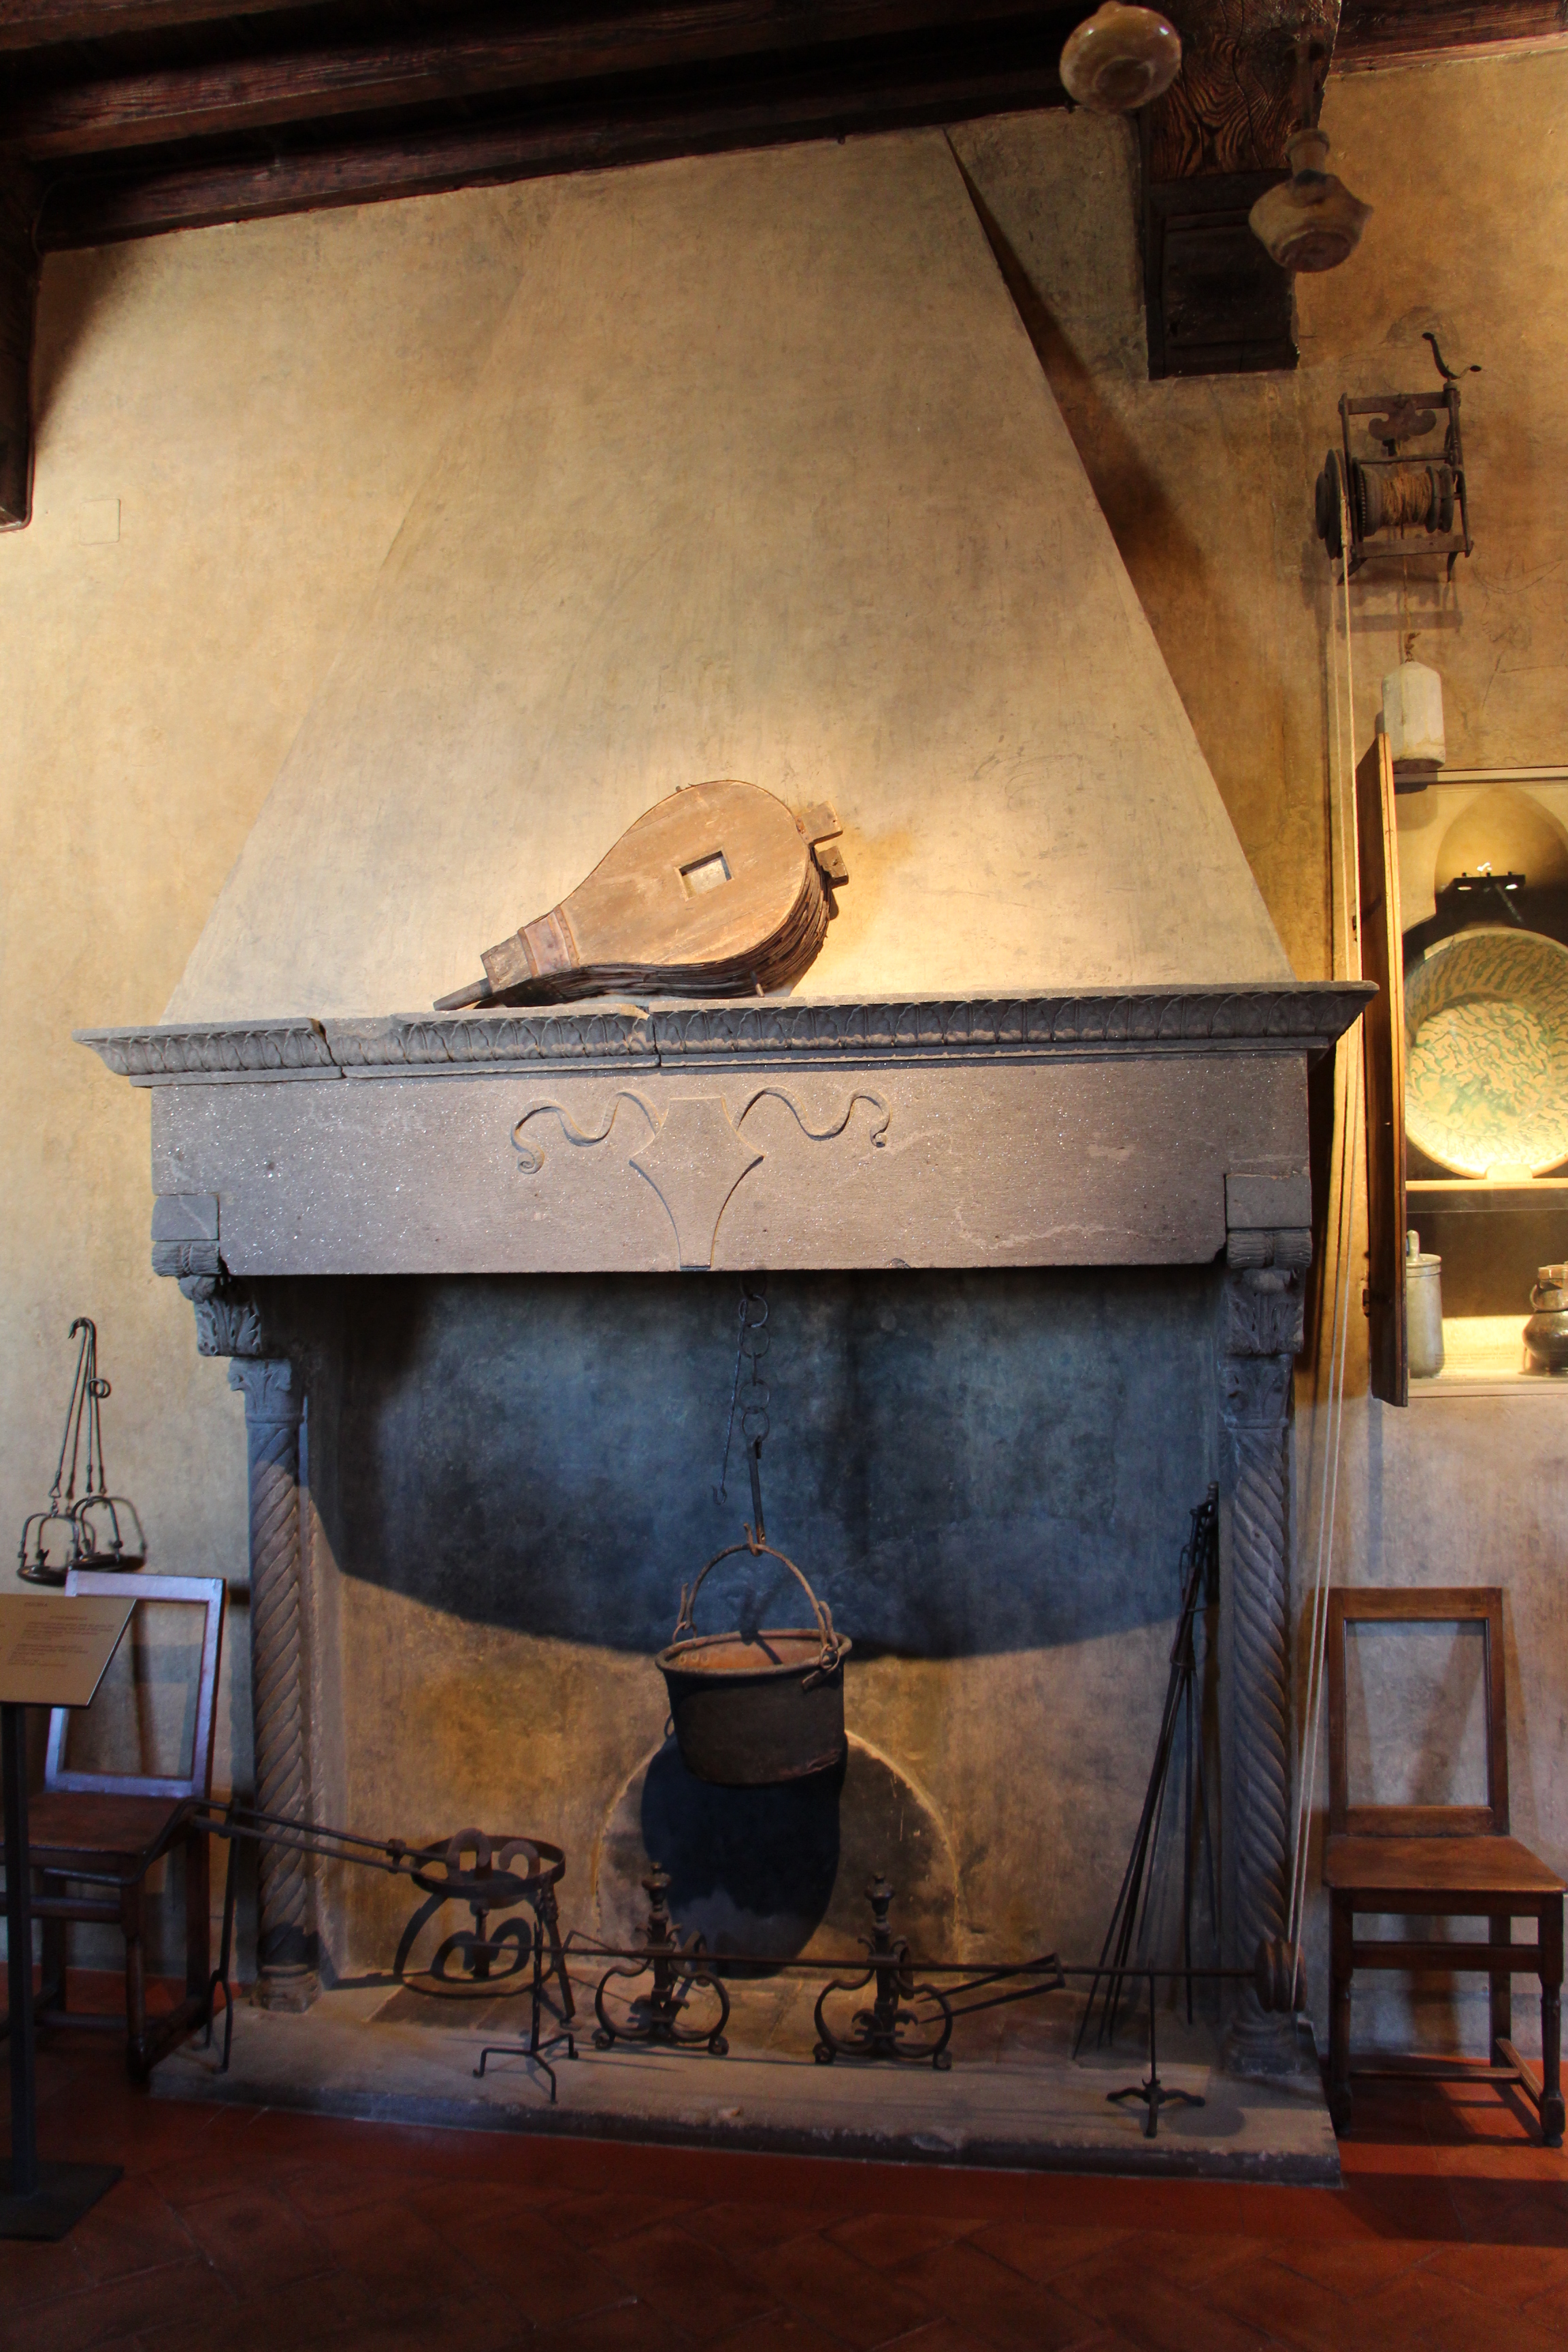 File:Palazzo davanzati, cucina, camino.JPG - Wikimedia Commons